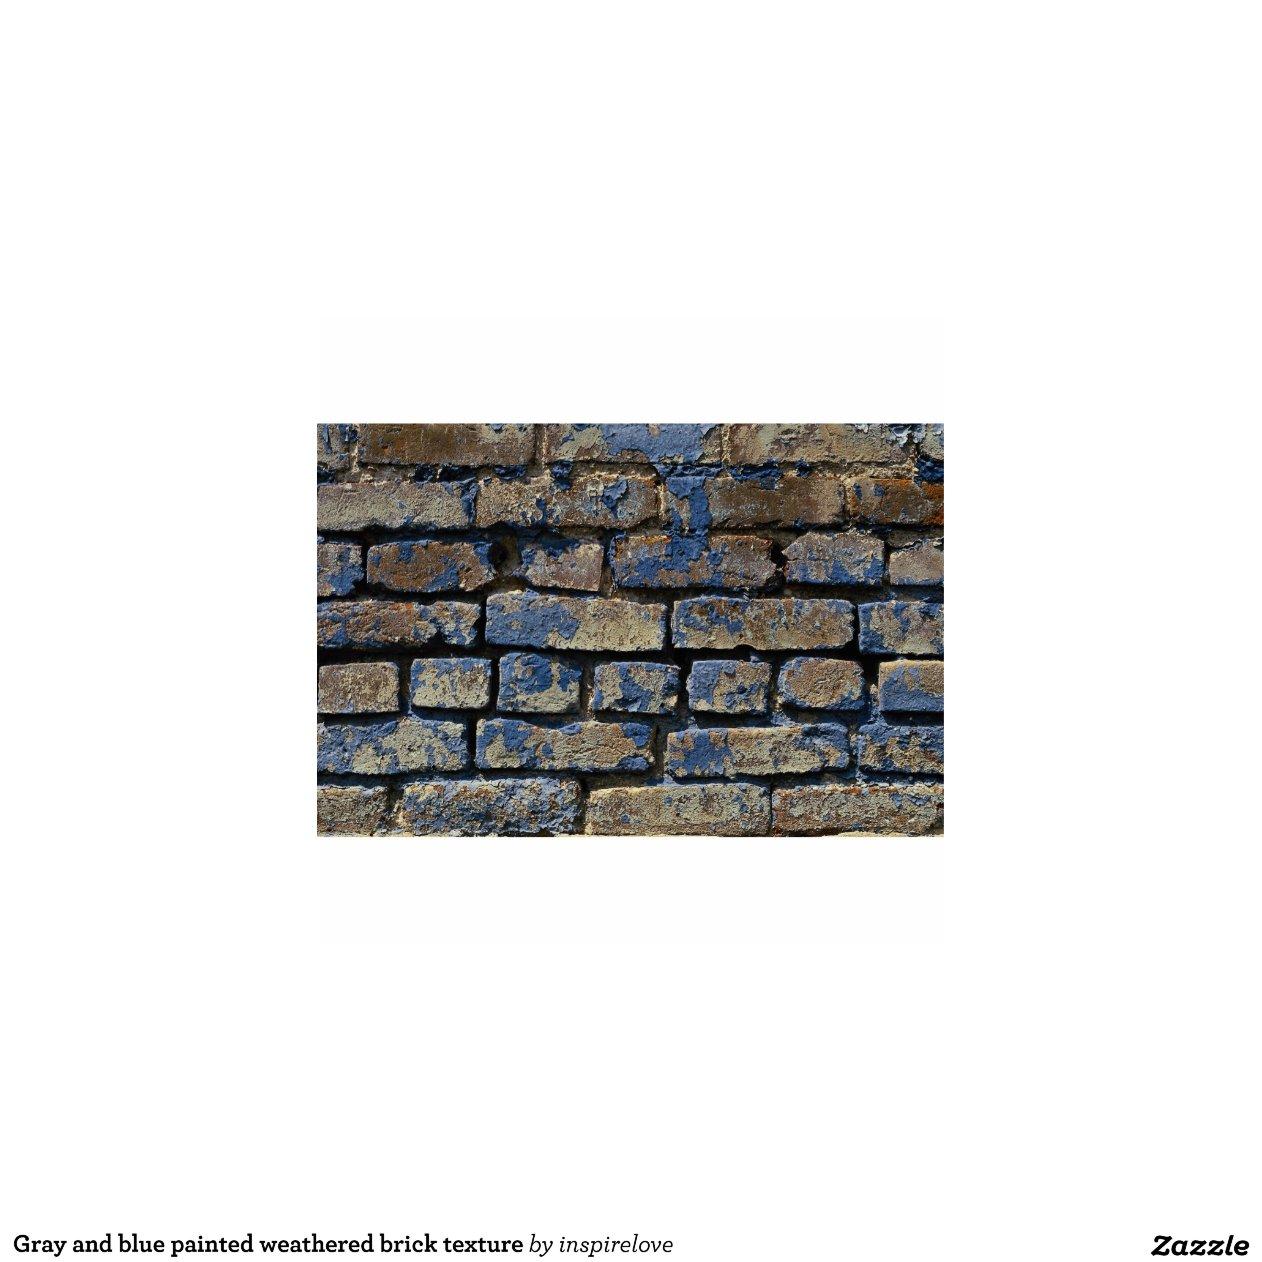 gris et texture patin e de brique peinte par bleu photo en d coupe zazzle. Black Bedroom Furniture Sets. Home Design Ideas